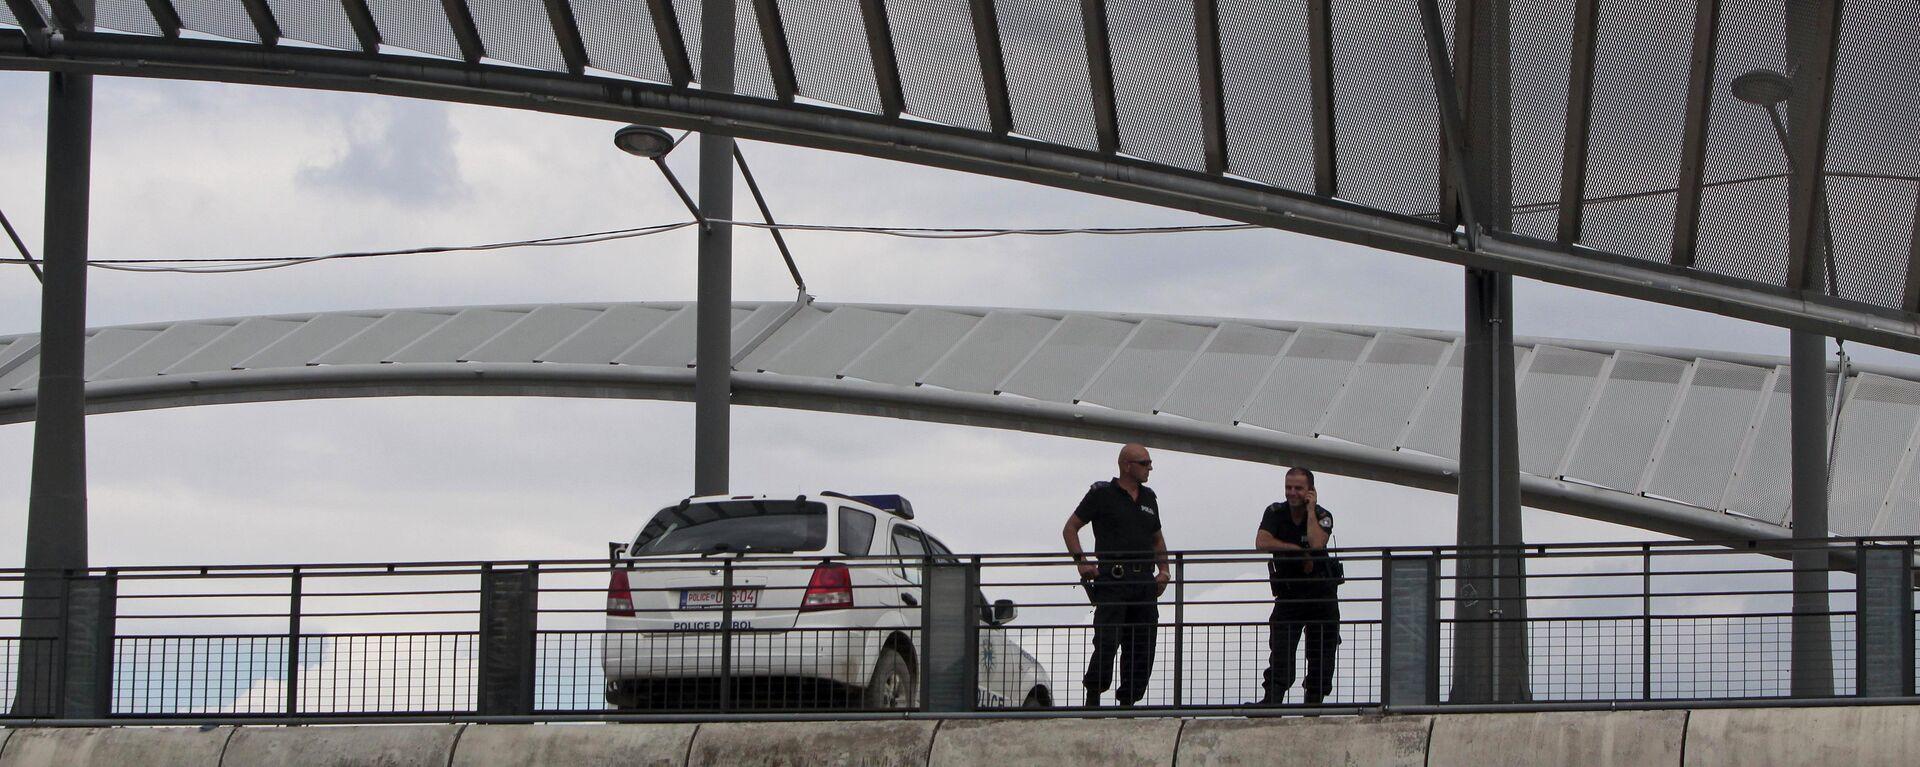 Припадници косовске полиције на мосту у Косовској Митровици - Sputnik Србија, 1920, 27.09.2021